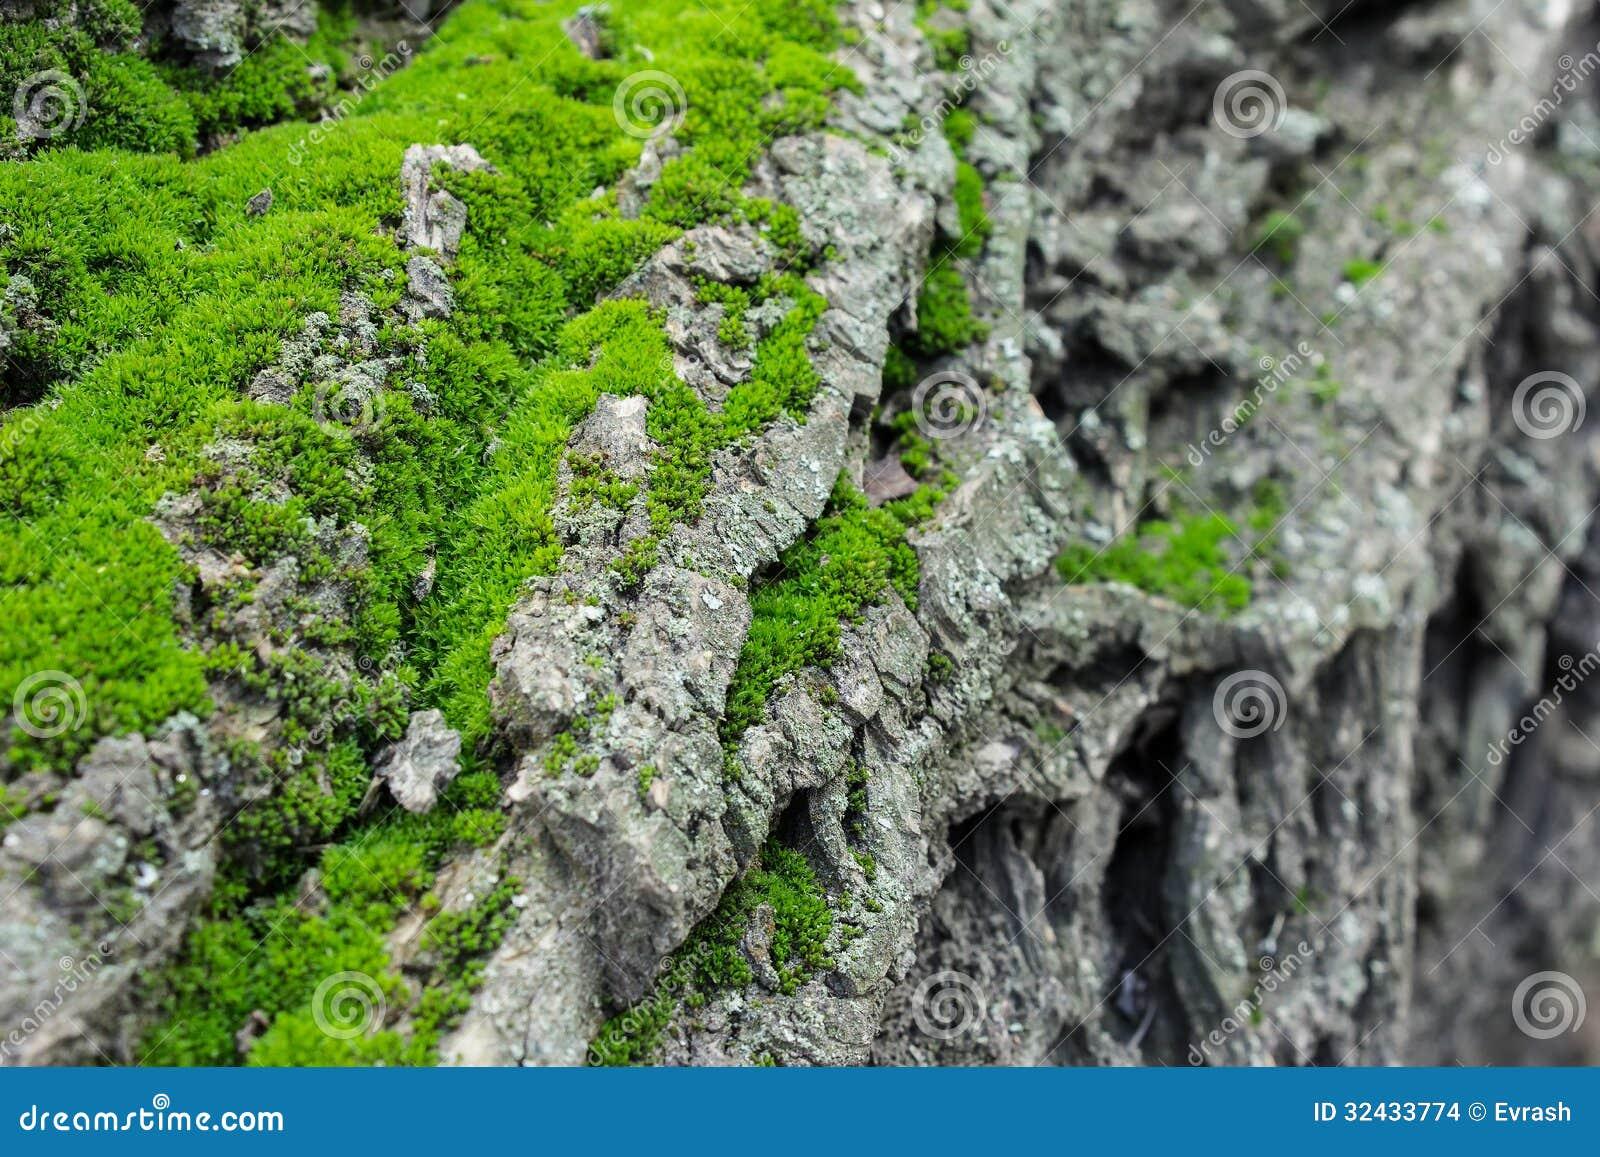 Paysage de montagne de mousse verte sur un arbre photo - Mousse sur les arbres ...